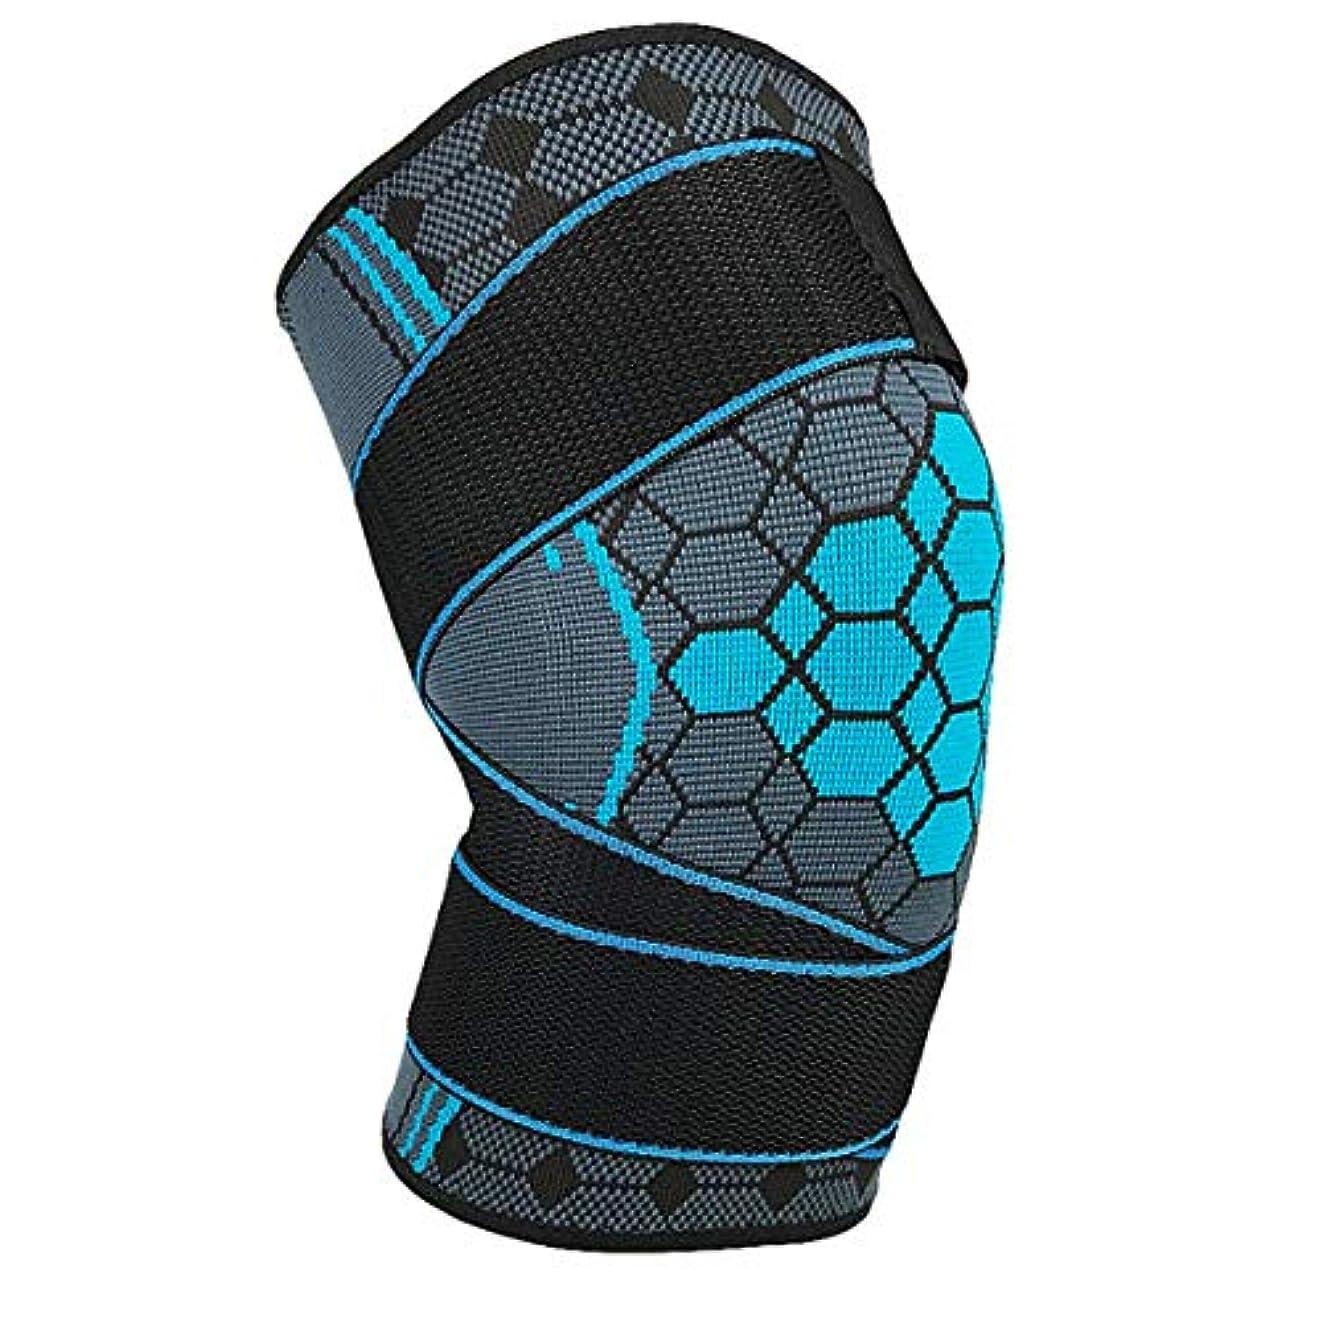 性差別続けるカイウス快適な膝パッドヨガスポーツ保護パッドバレーボール落下膝サポート安全膝パッド耐久性膝ブレース-ブルーL